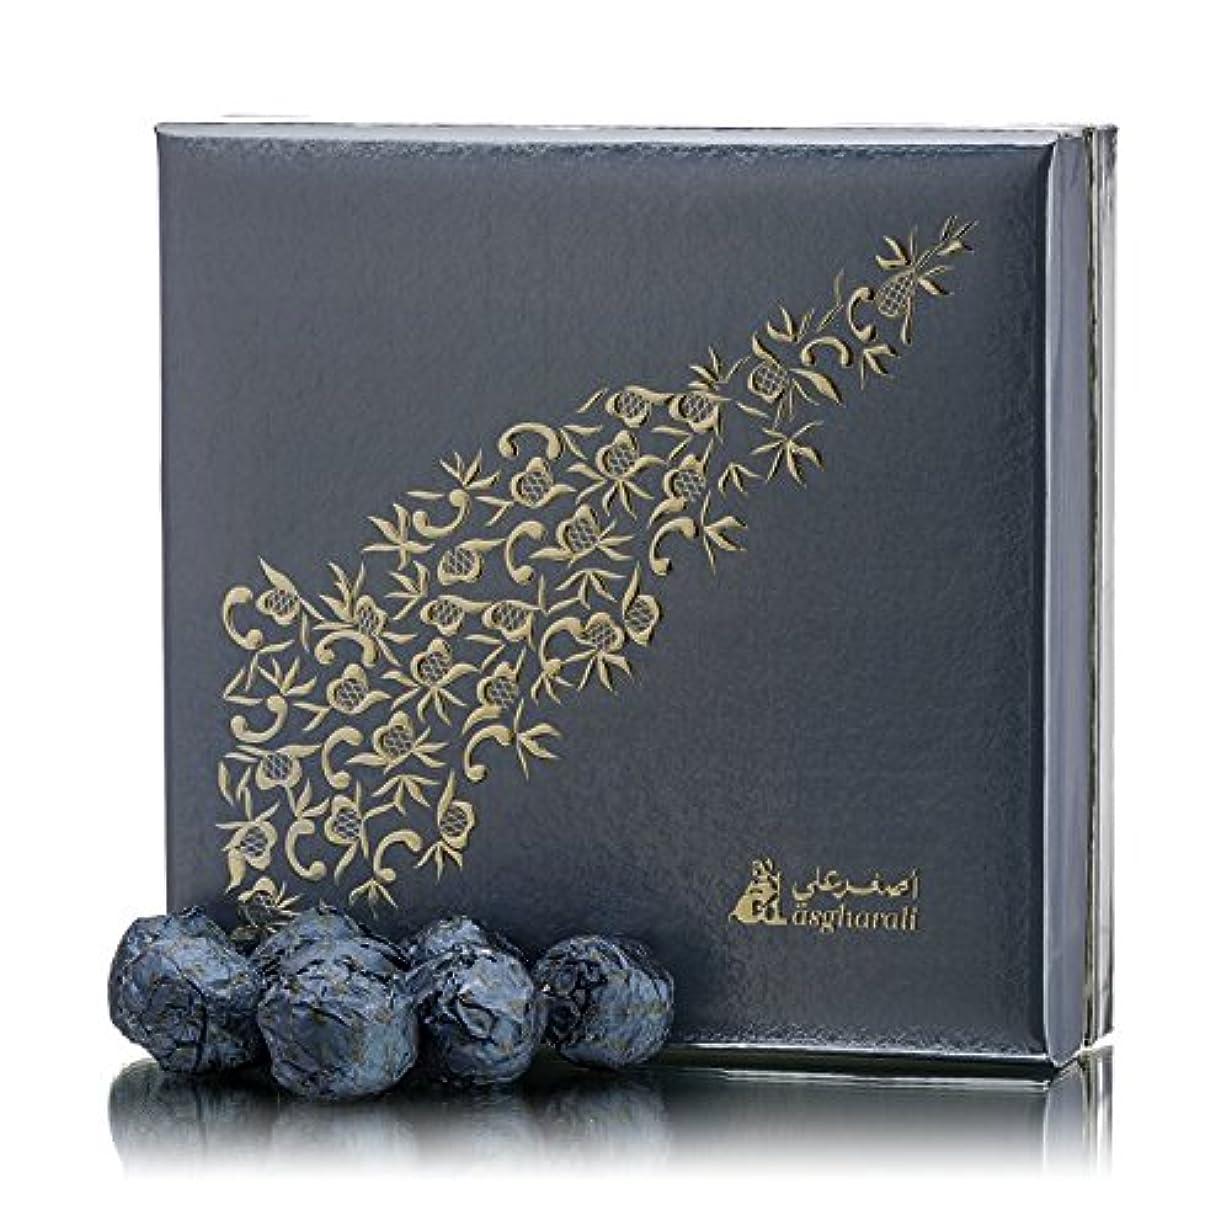 結果として目立つコンペAsgharali debaaj mustabaraq 300ミリグラム – Shay Oud、花柄、Woody、Oriental Incense Limited Edition Bakhoor